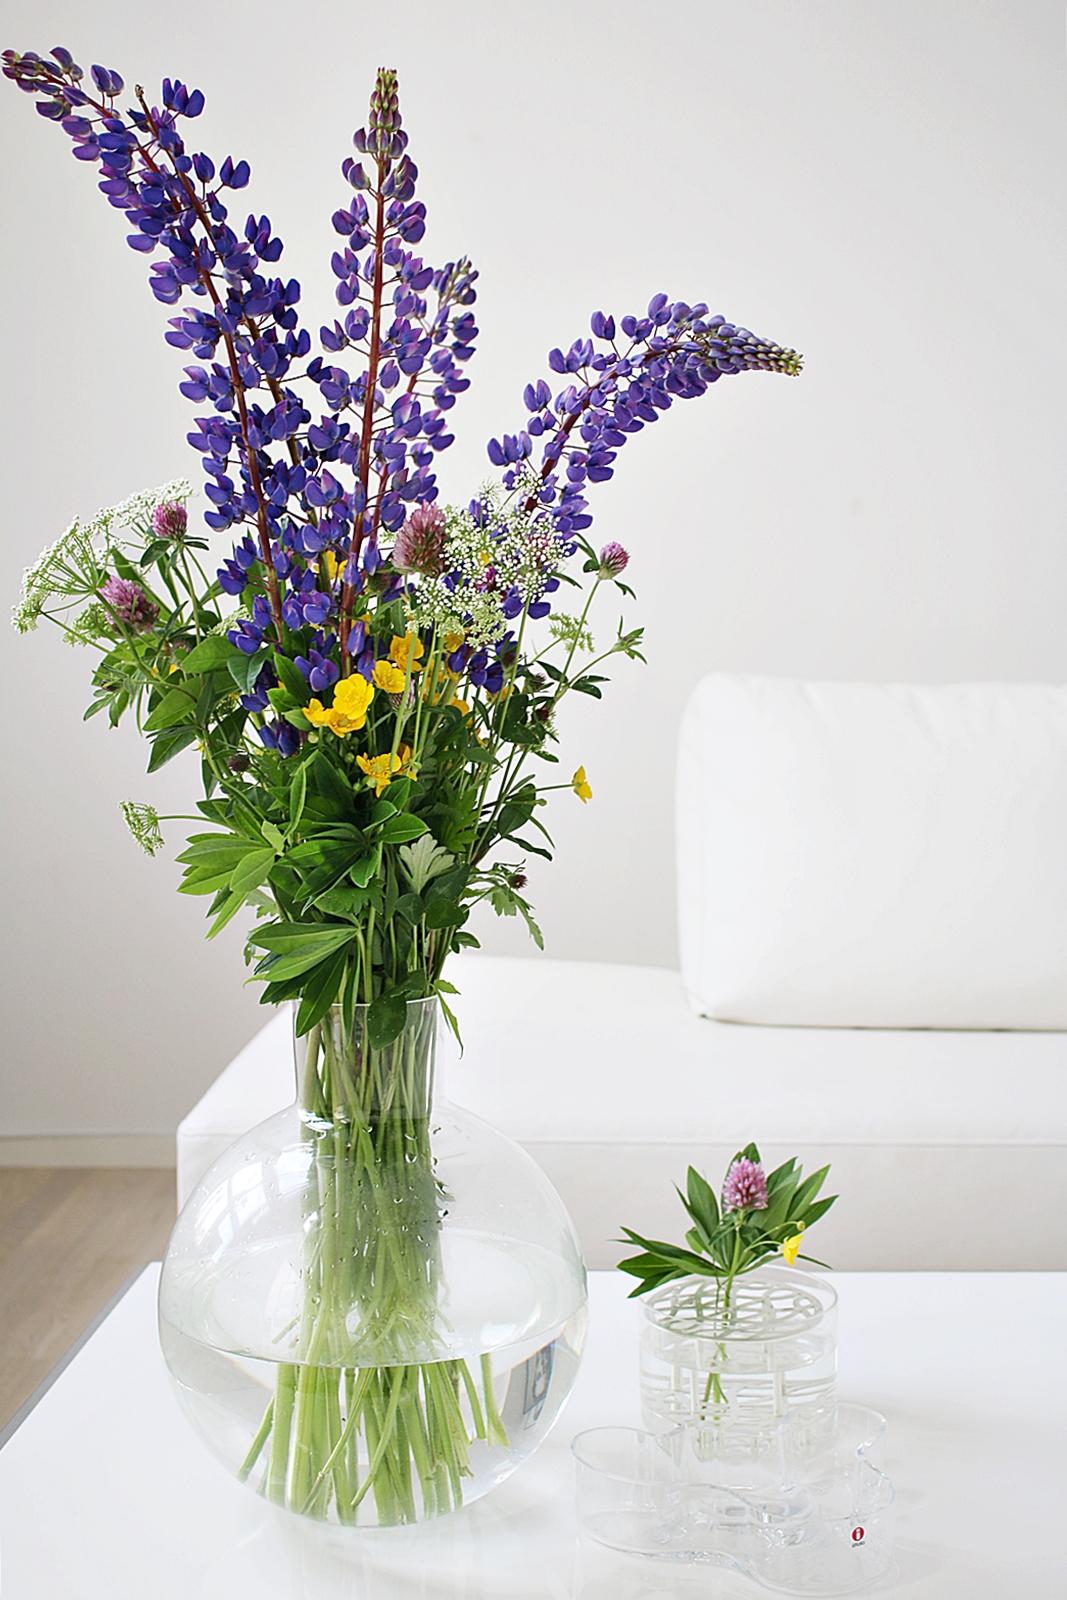 Vilda blommor och flickornas skolavlutning